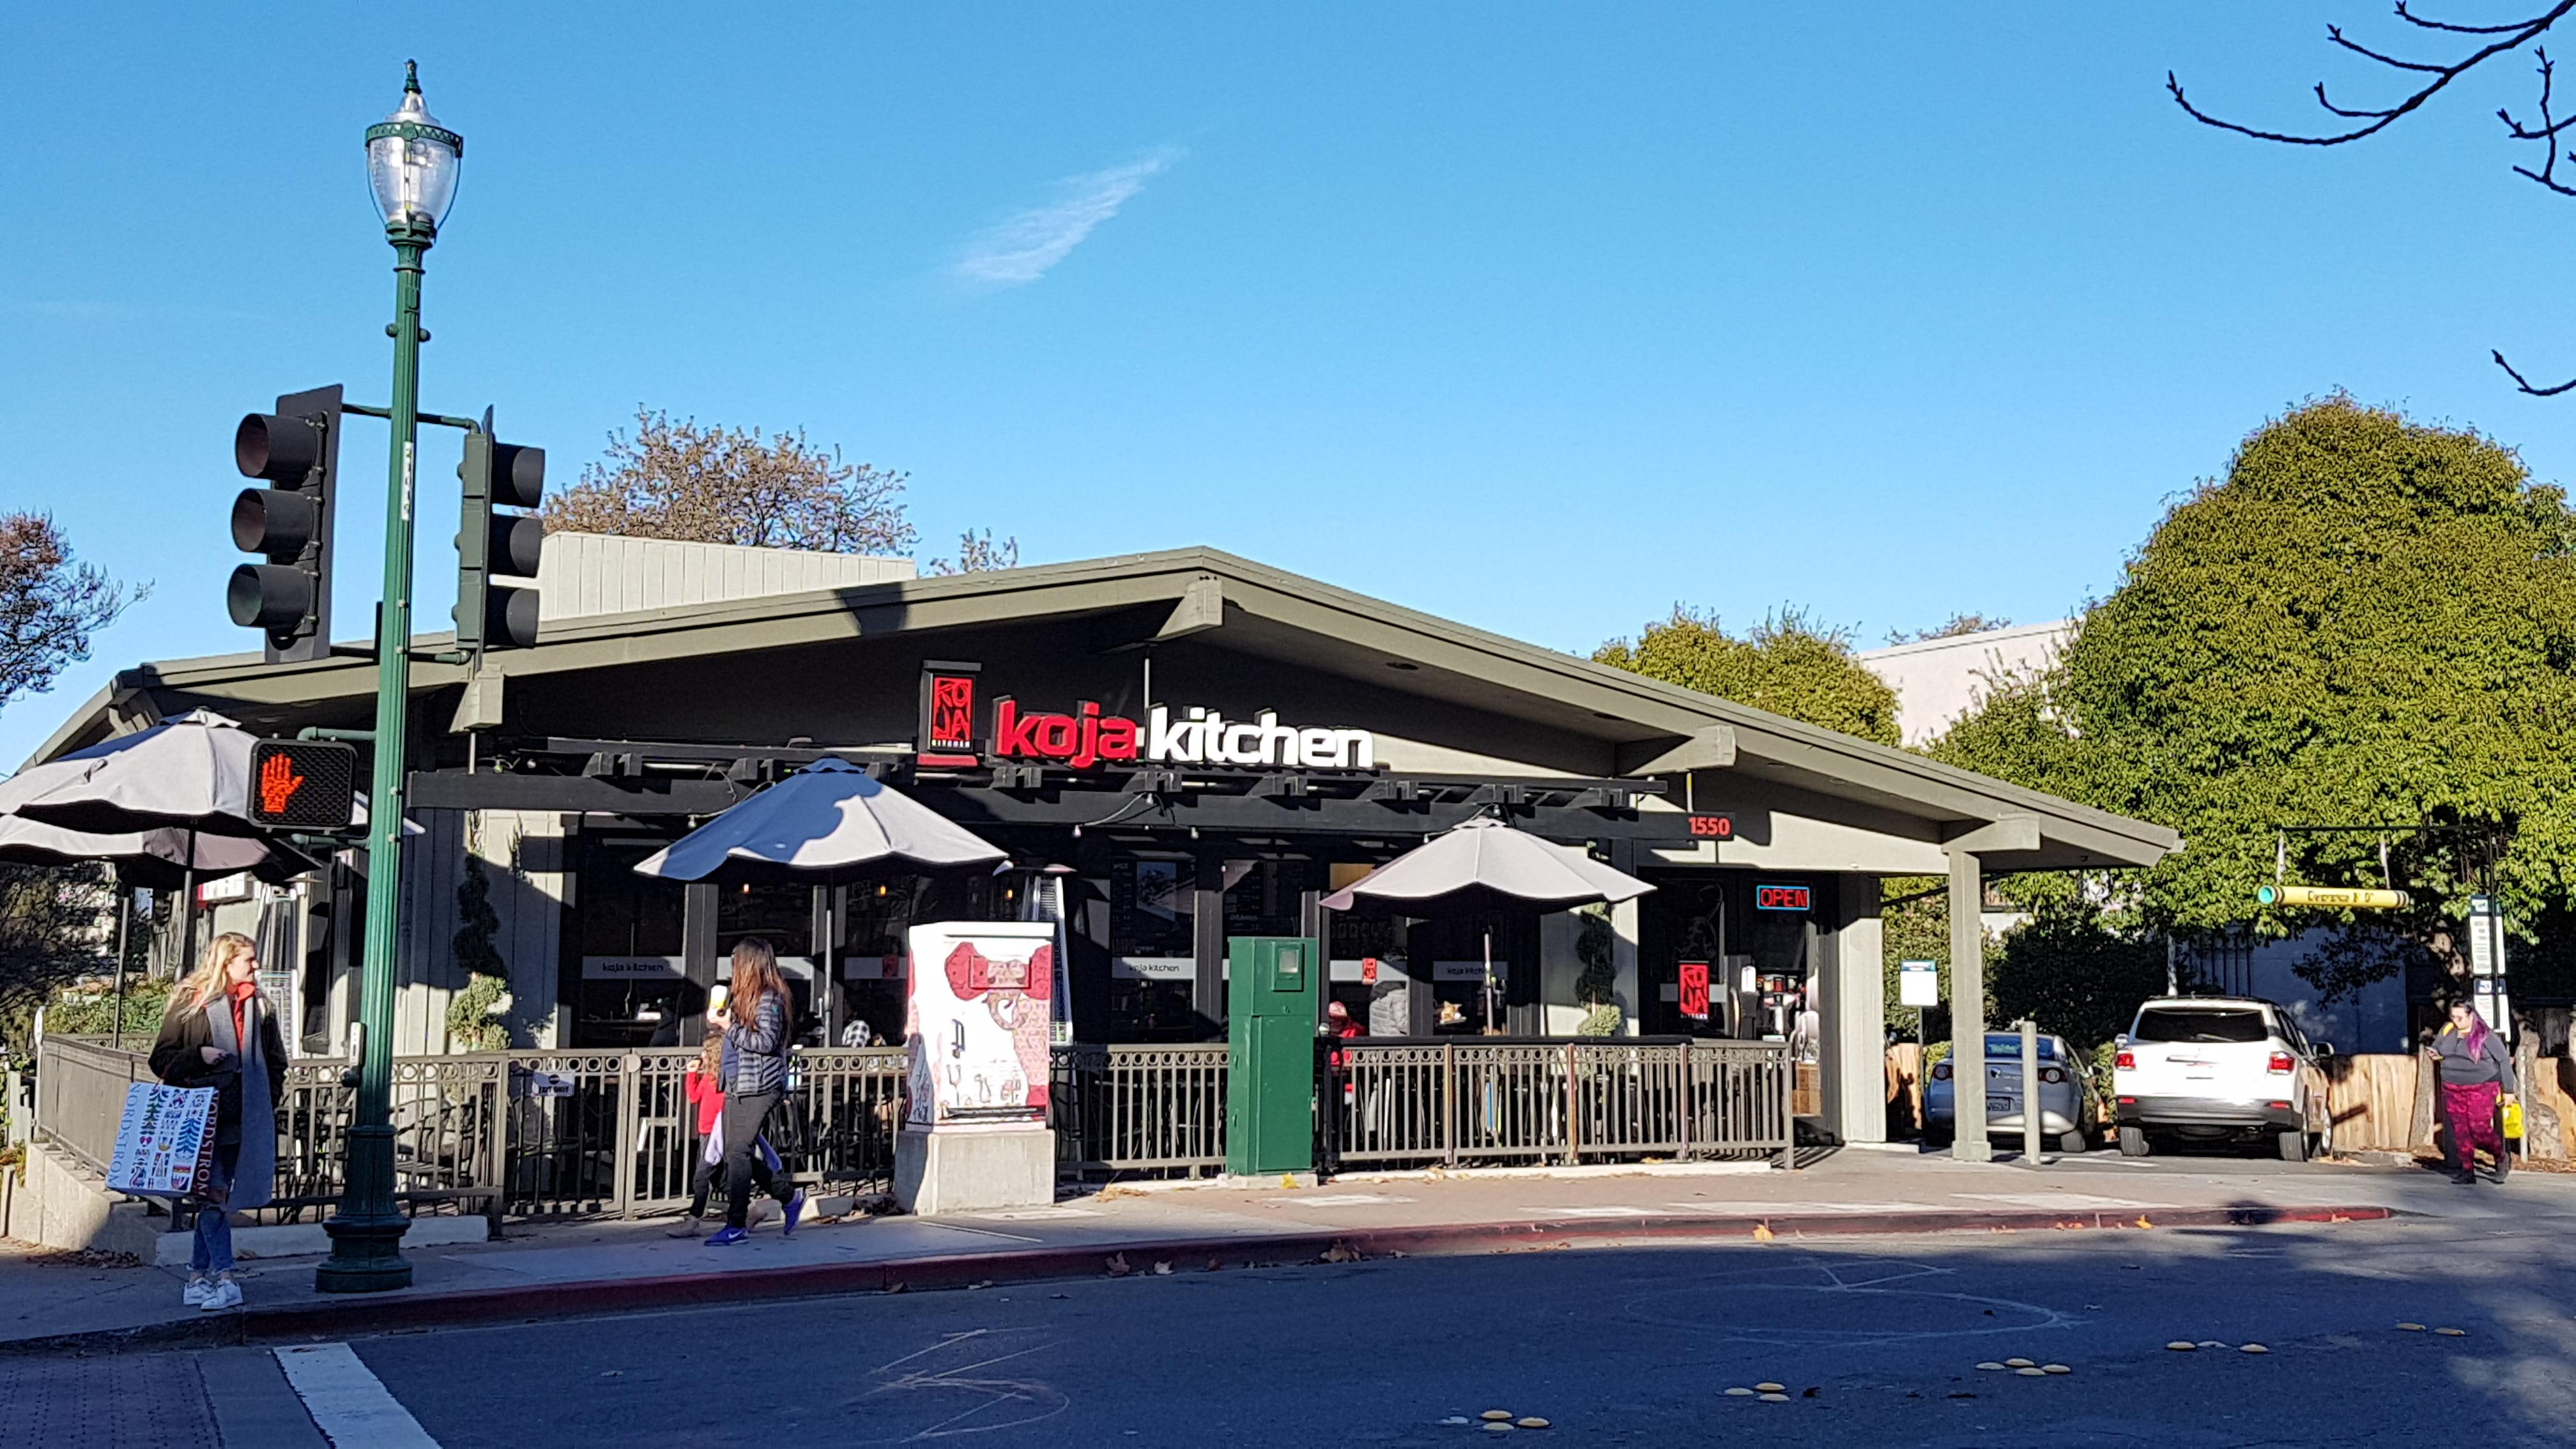 KoJa Kitchen - Walnut Creek | Restaurant Review - Zagat